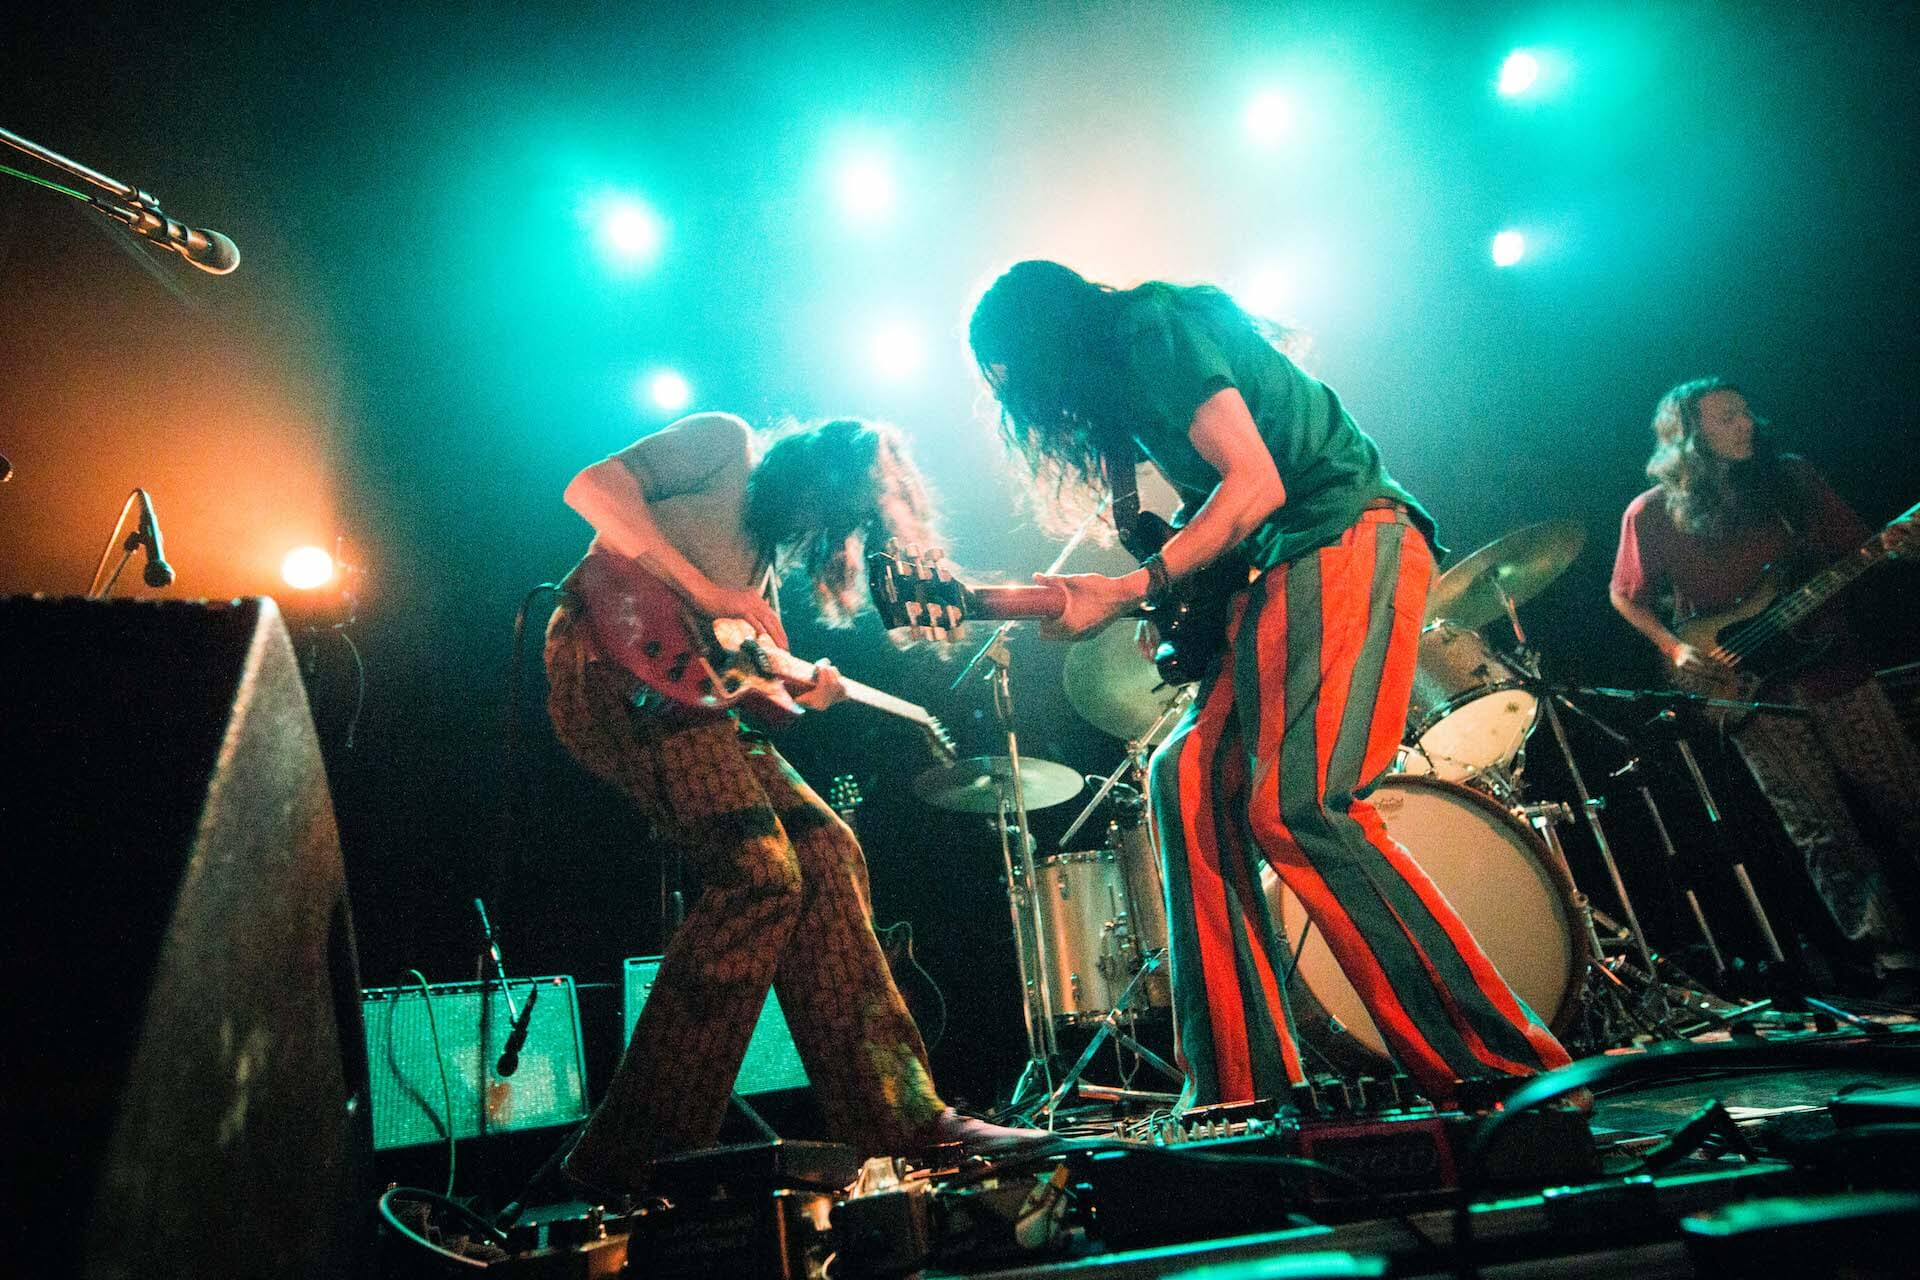 世界を旅するバンドが魅せるサイケデリアのまどろみ 幾何学模様 × OGRE YOU ASSHOLE ライブレポート music191103-kikagakumoyo-ogreyouasshole-6-1